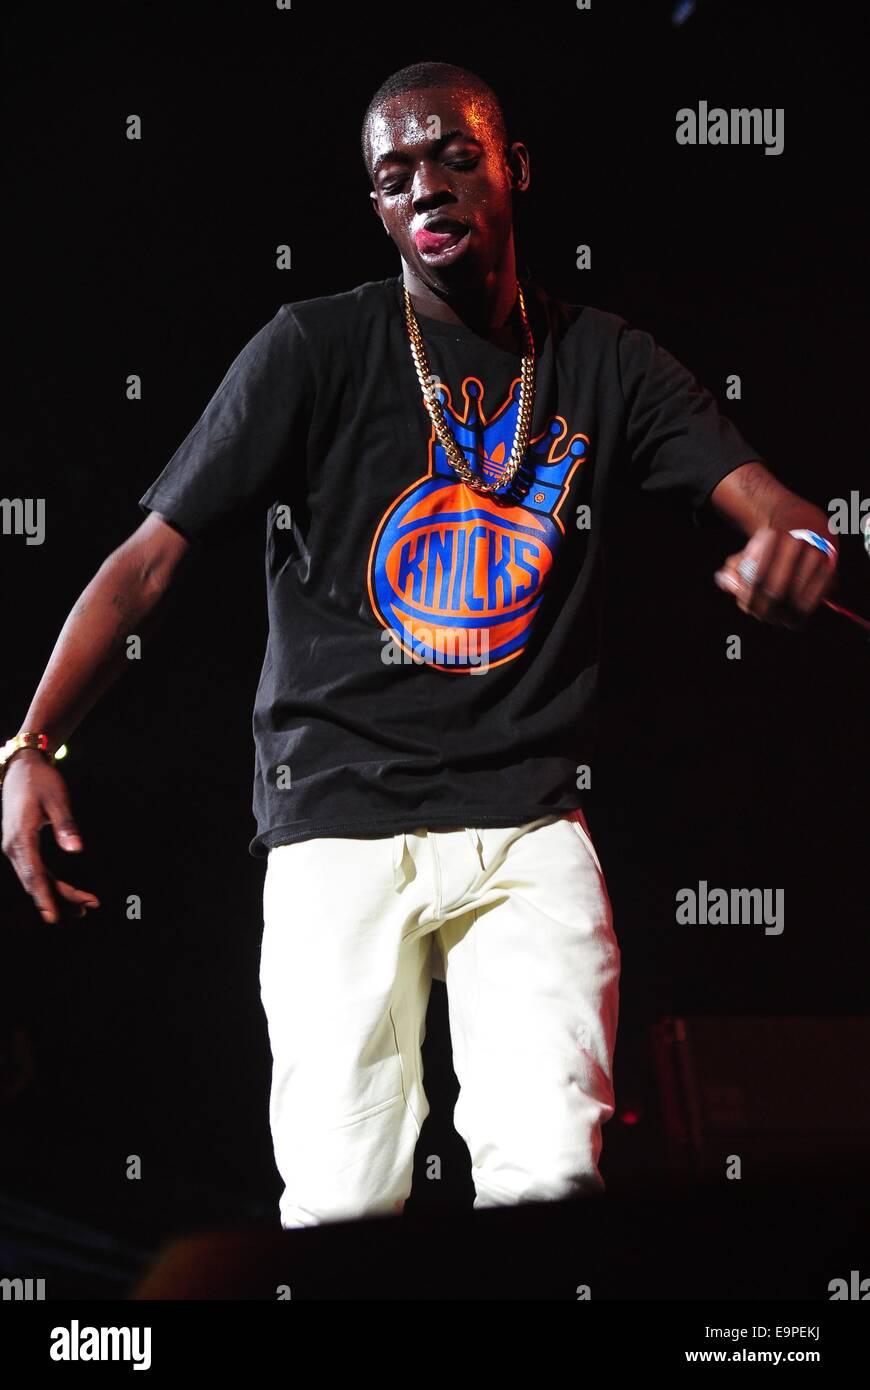 Brooklyn, NY, USA  30th Oct, 2014  Bobby Shmurda on stage